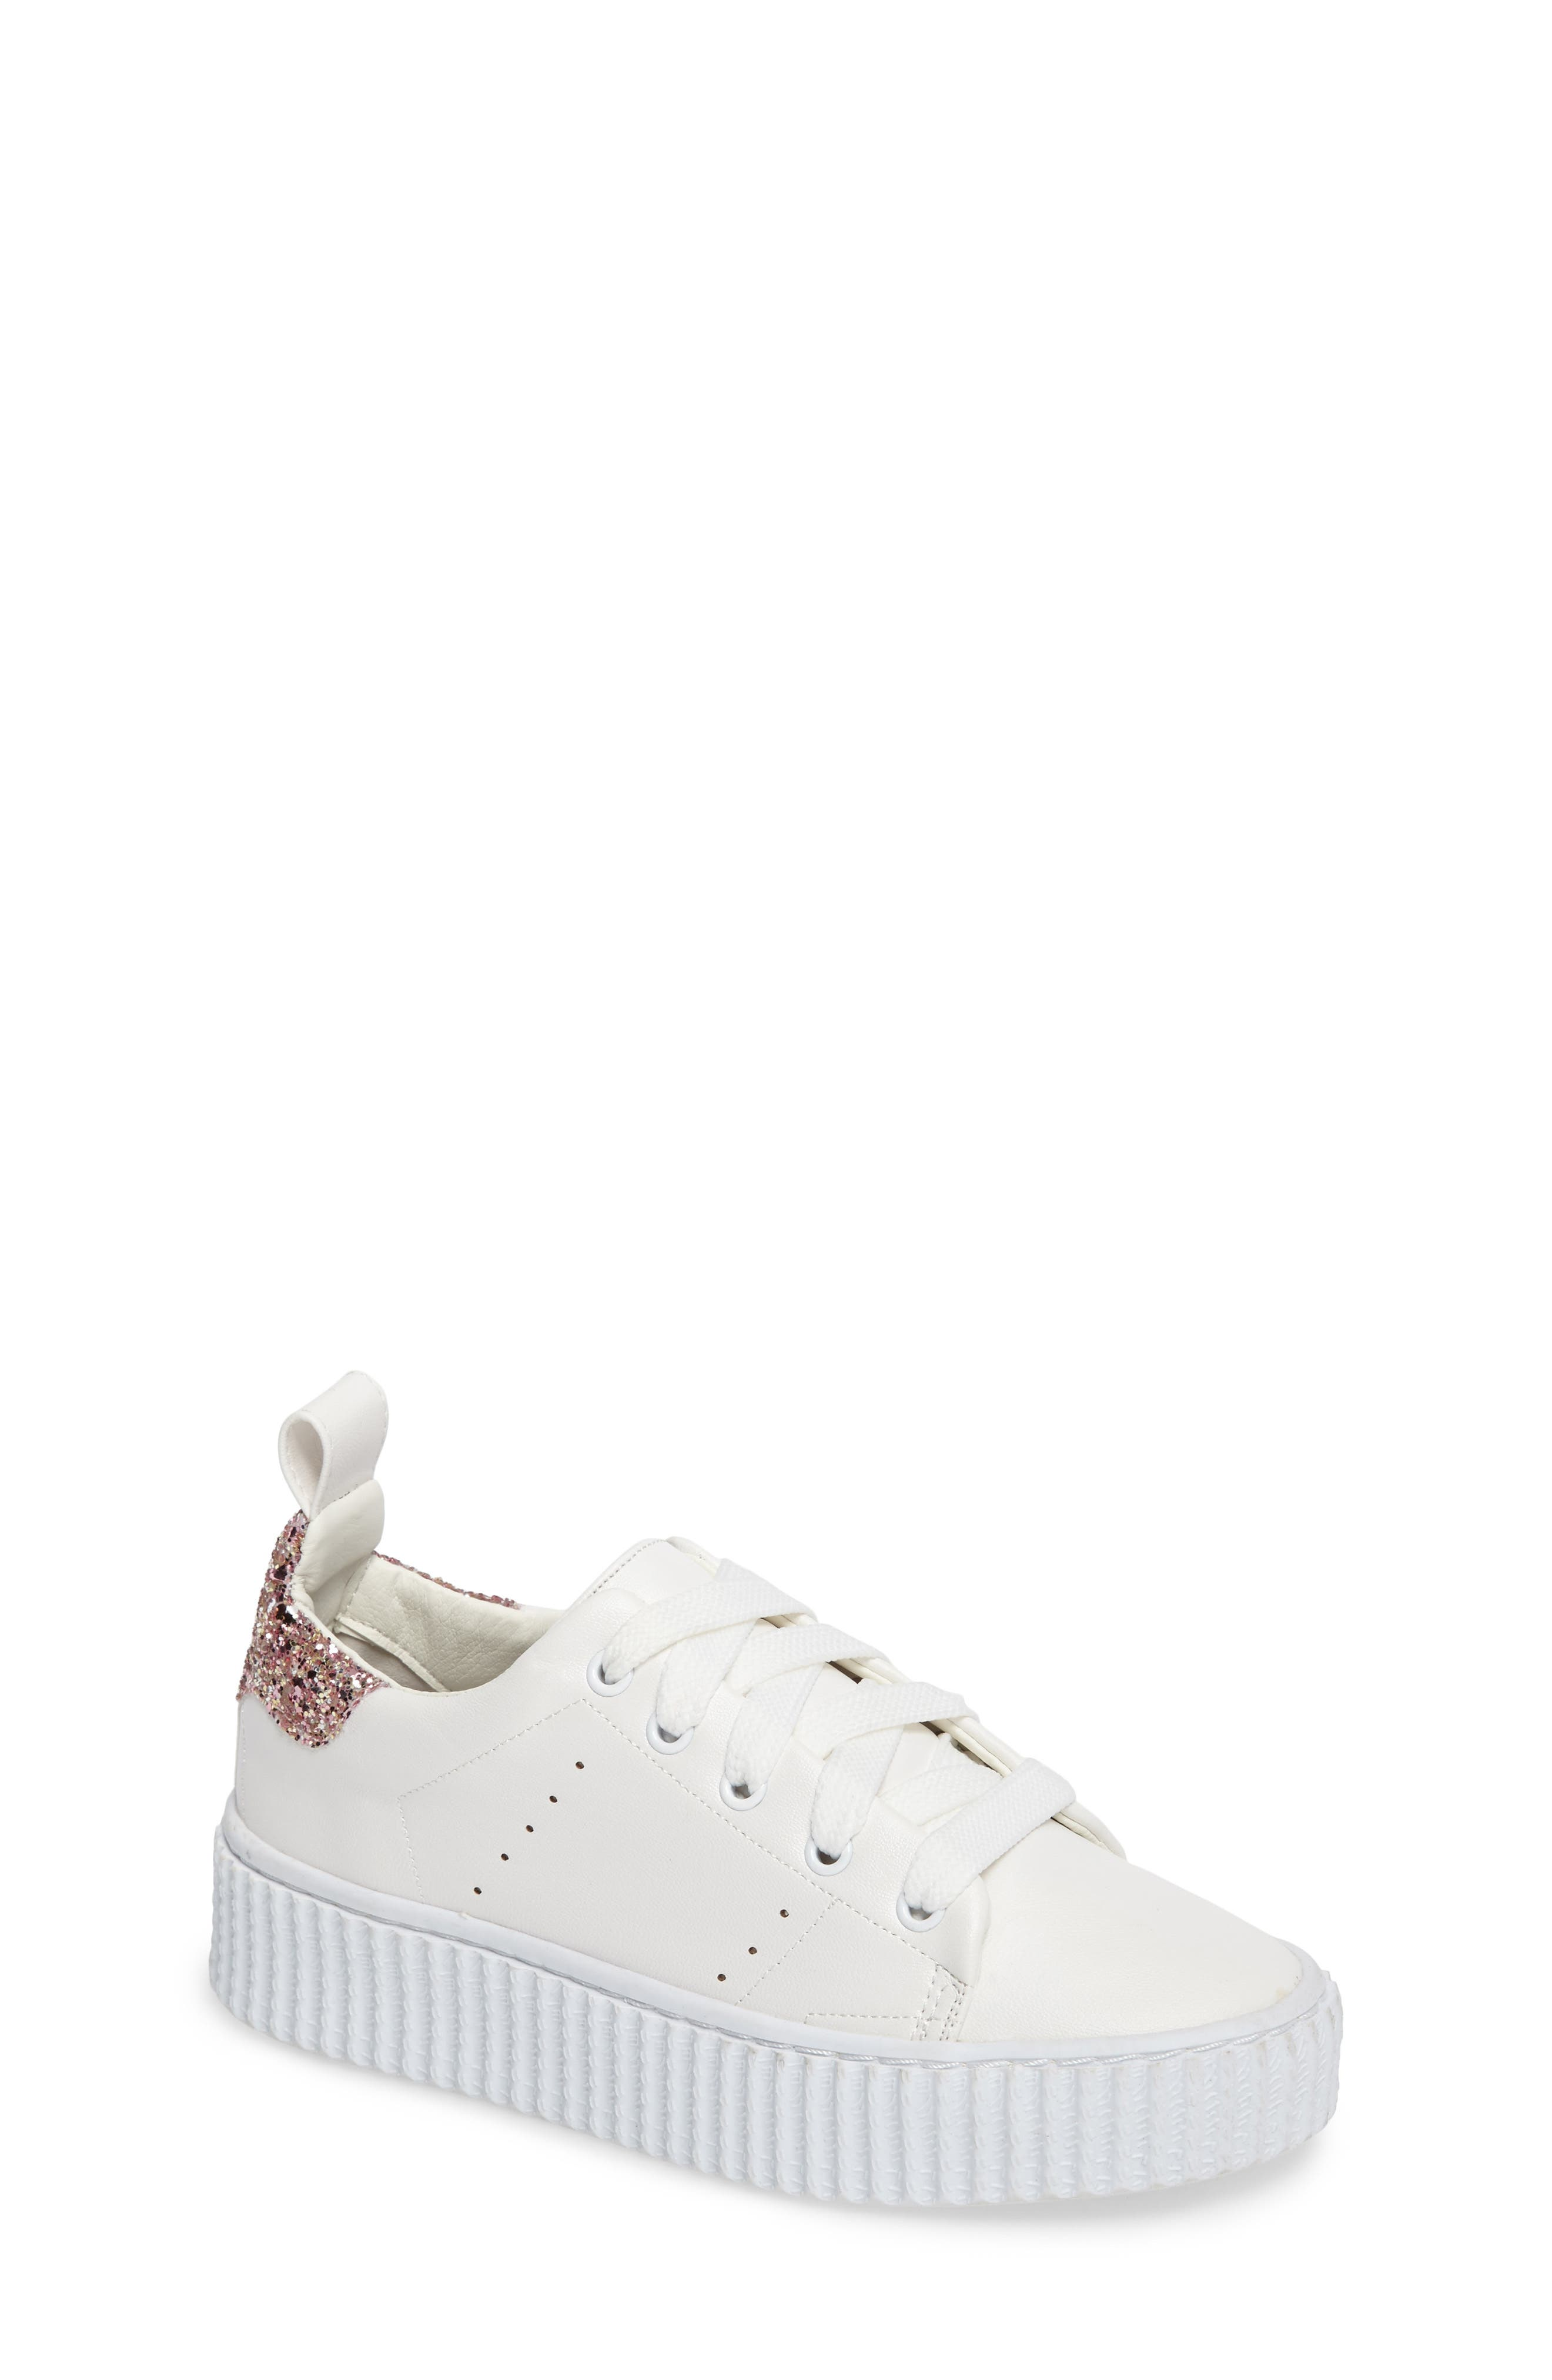 Wren Glitter Heel Sneaker,                         Main,                         color, White